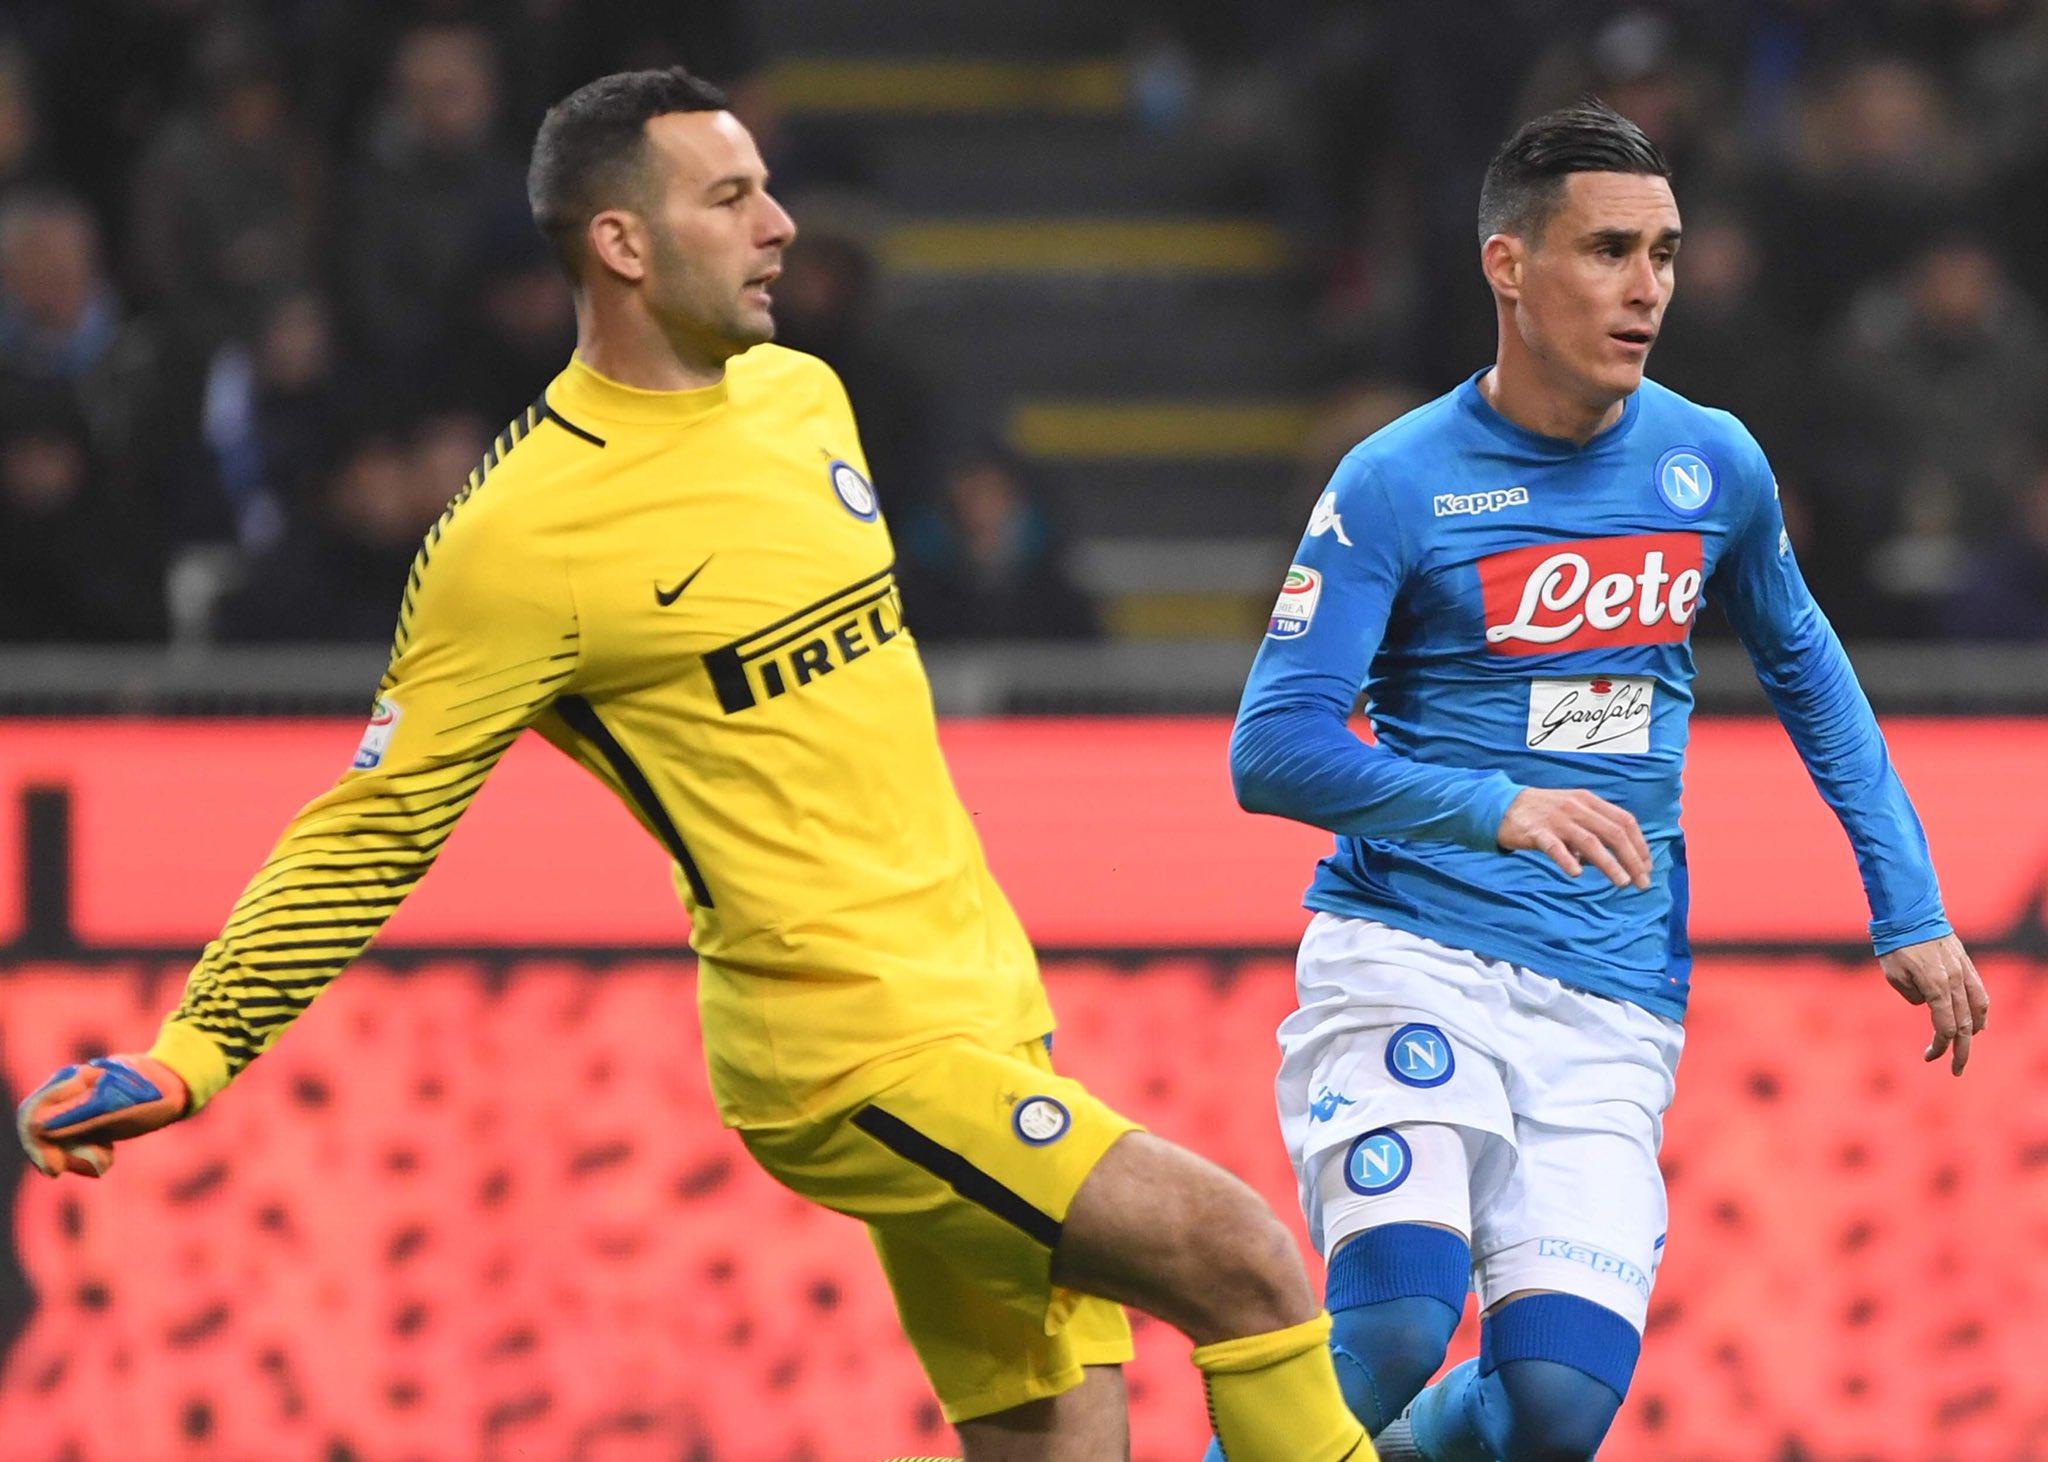 Secondo 0-0 contro l'Inter, Napoli a secco dopo 16 partite